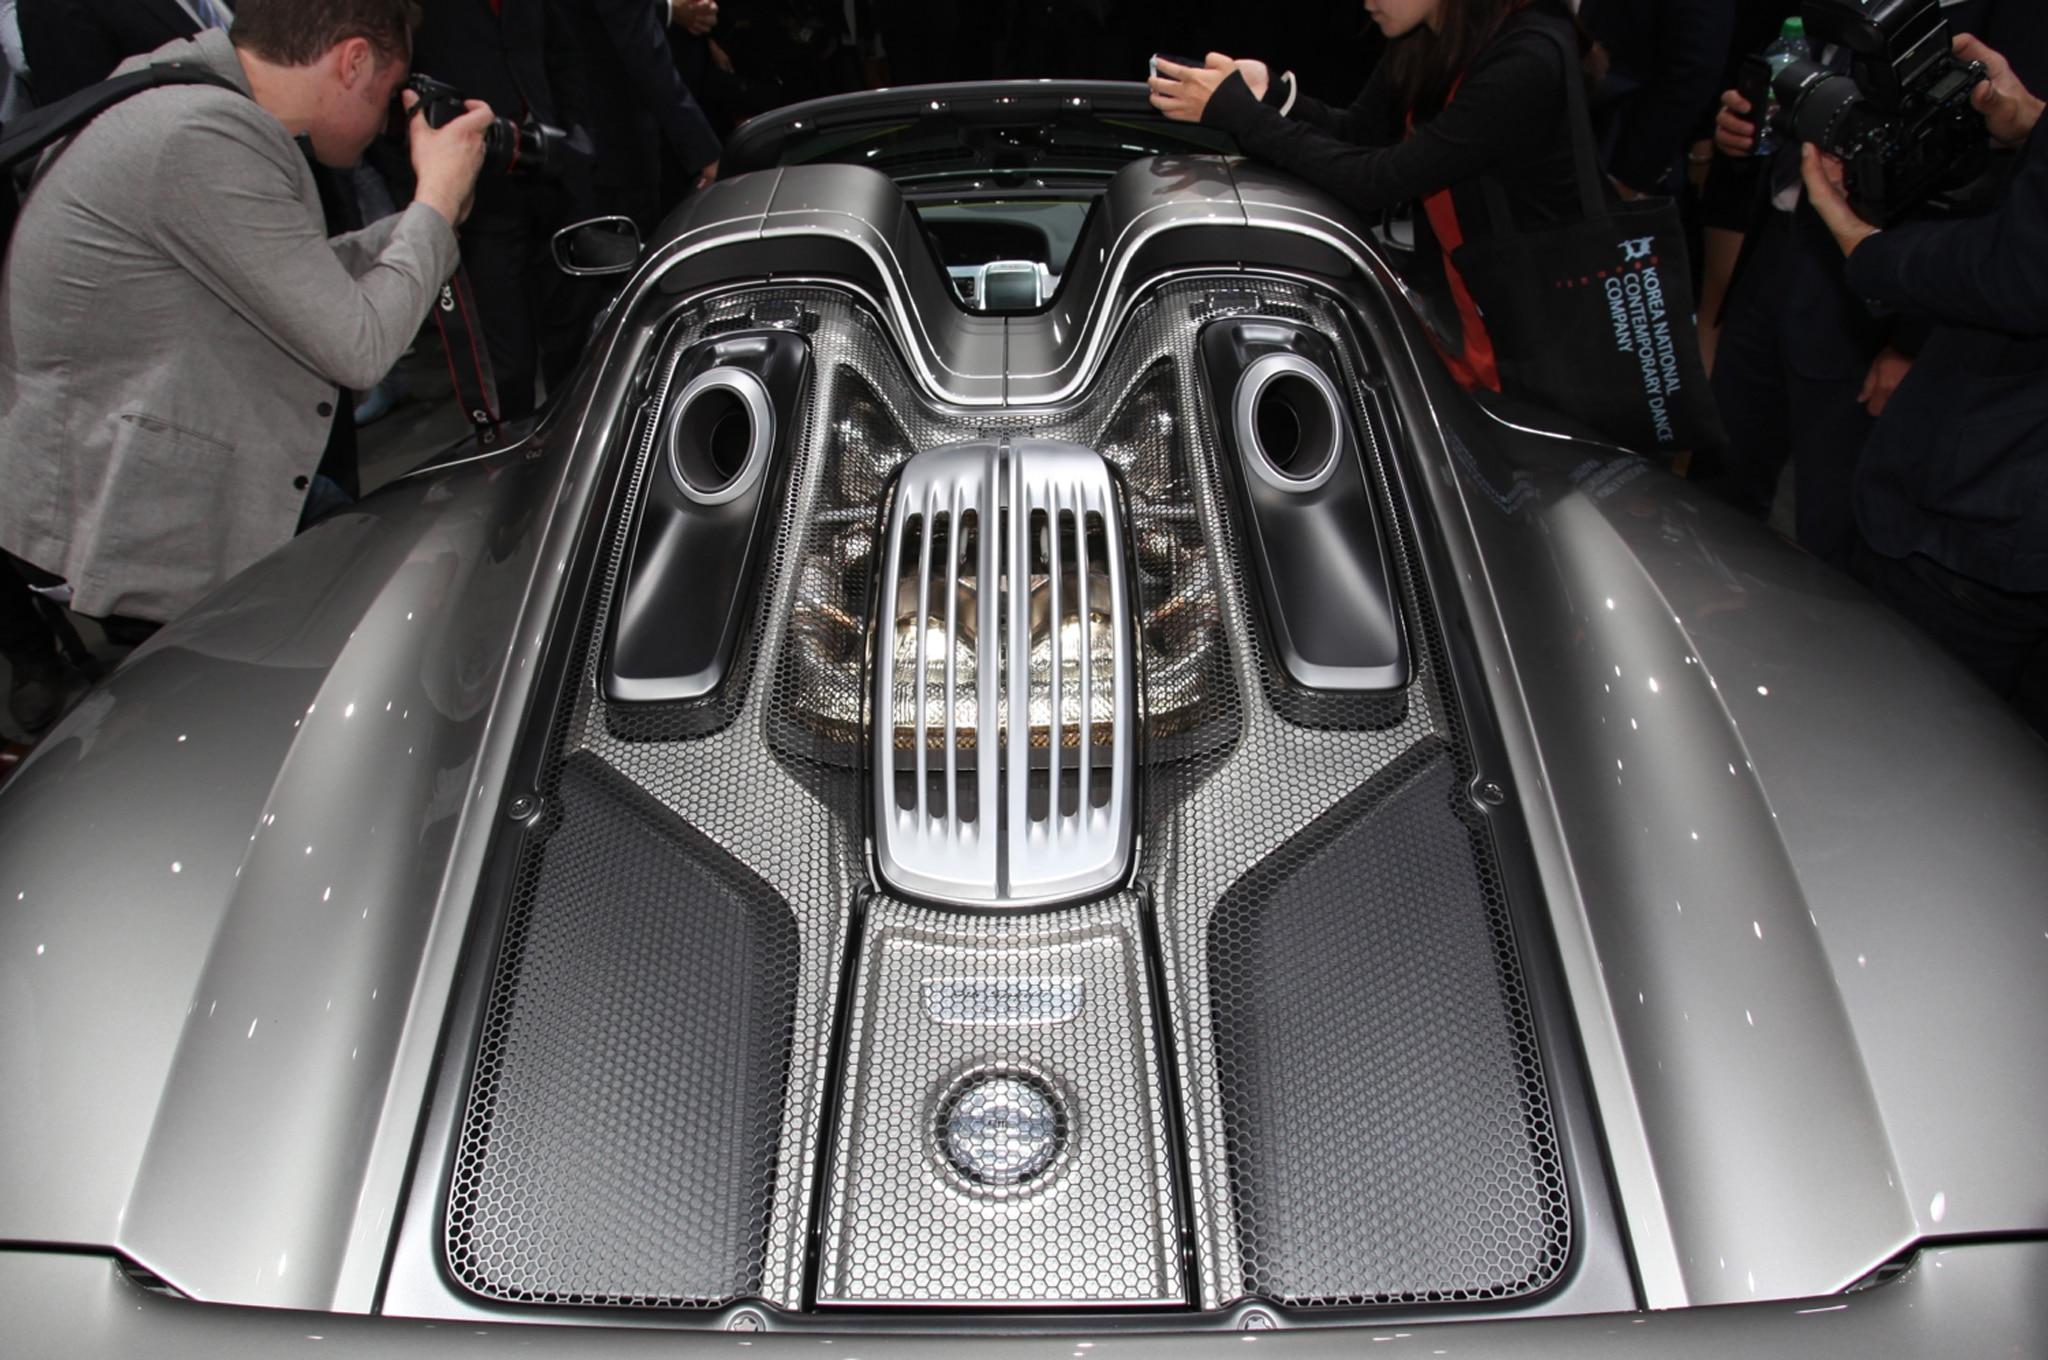 Porsche 918 Spyder Super Hybrid Engine 02